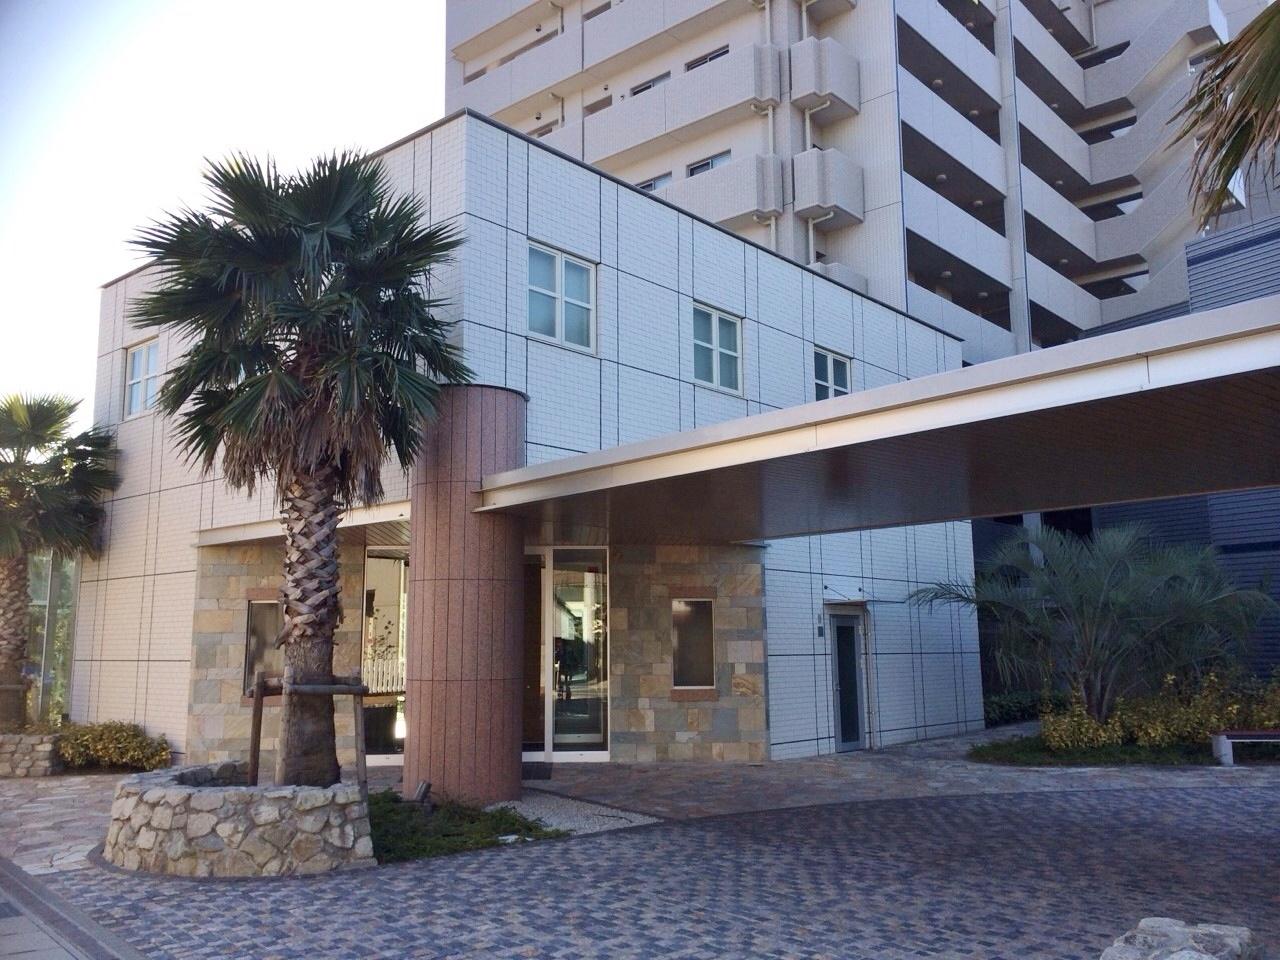 リゾートホテルのような佇まいの外観。